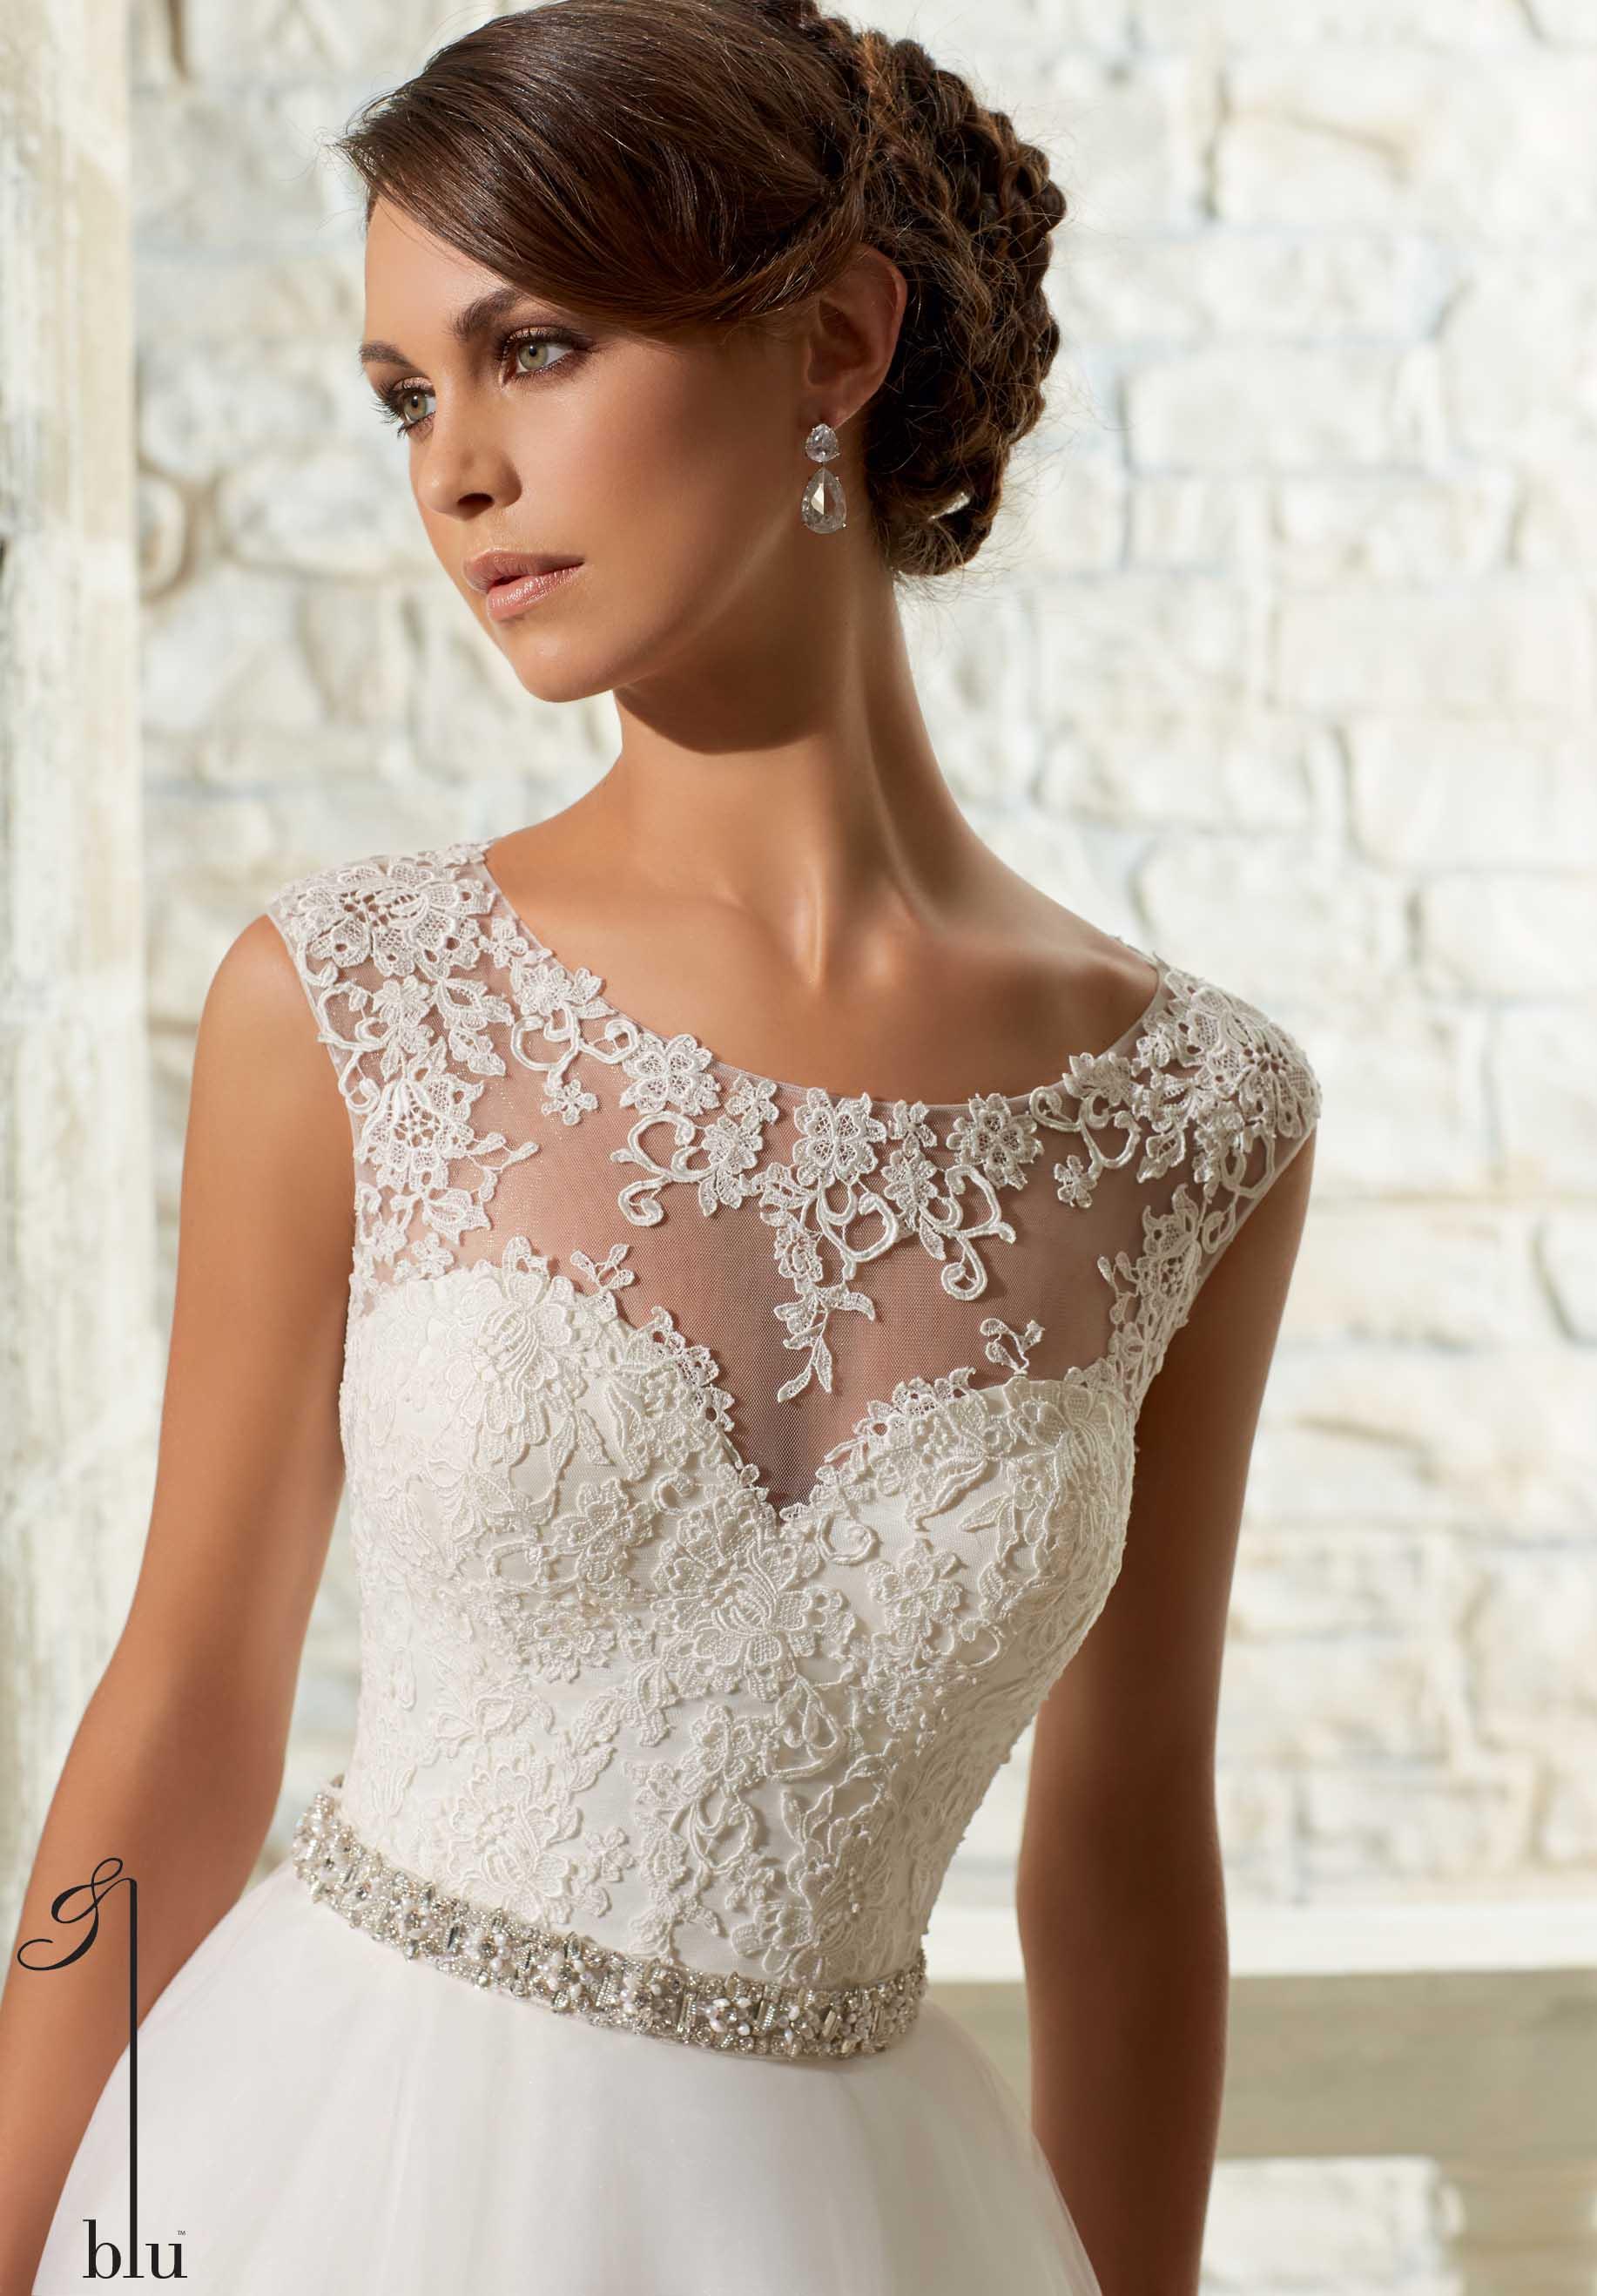 Wedding Dress Alterations Indianapolis In Pemerintah Kota Ambon